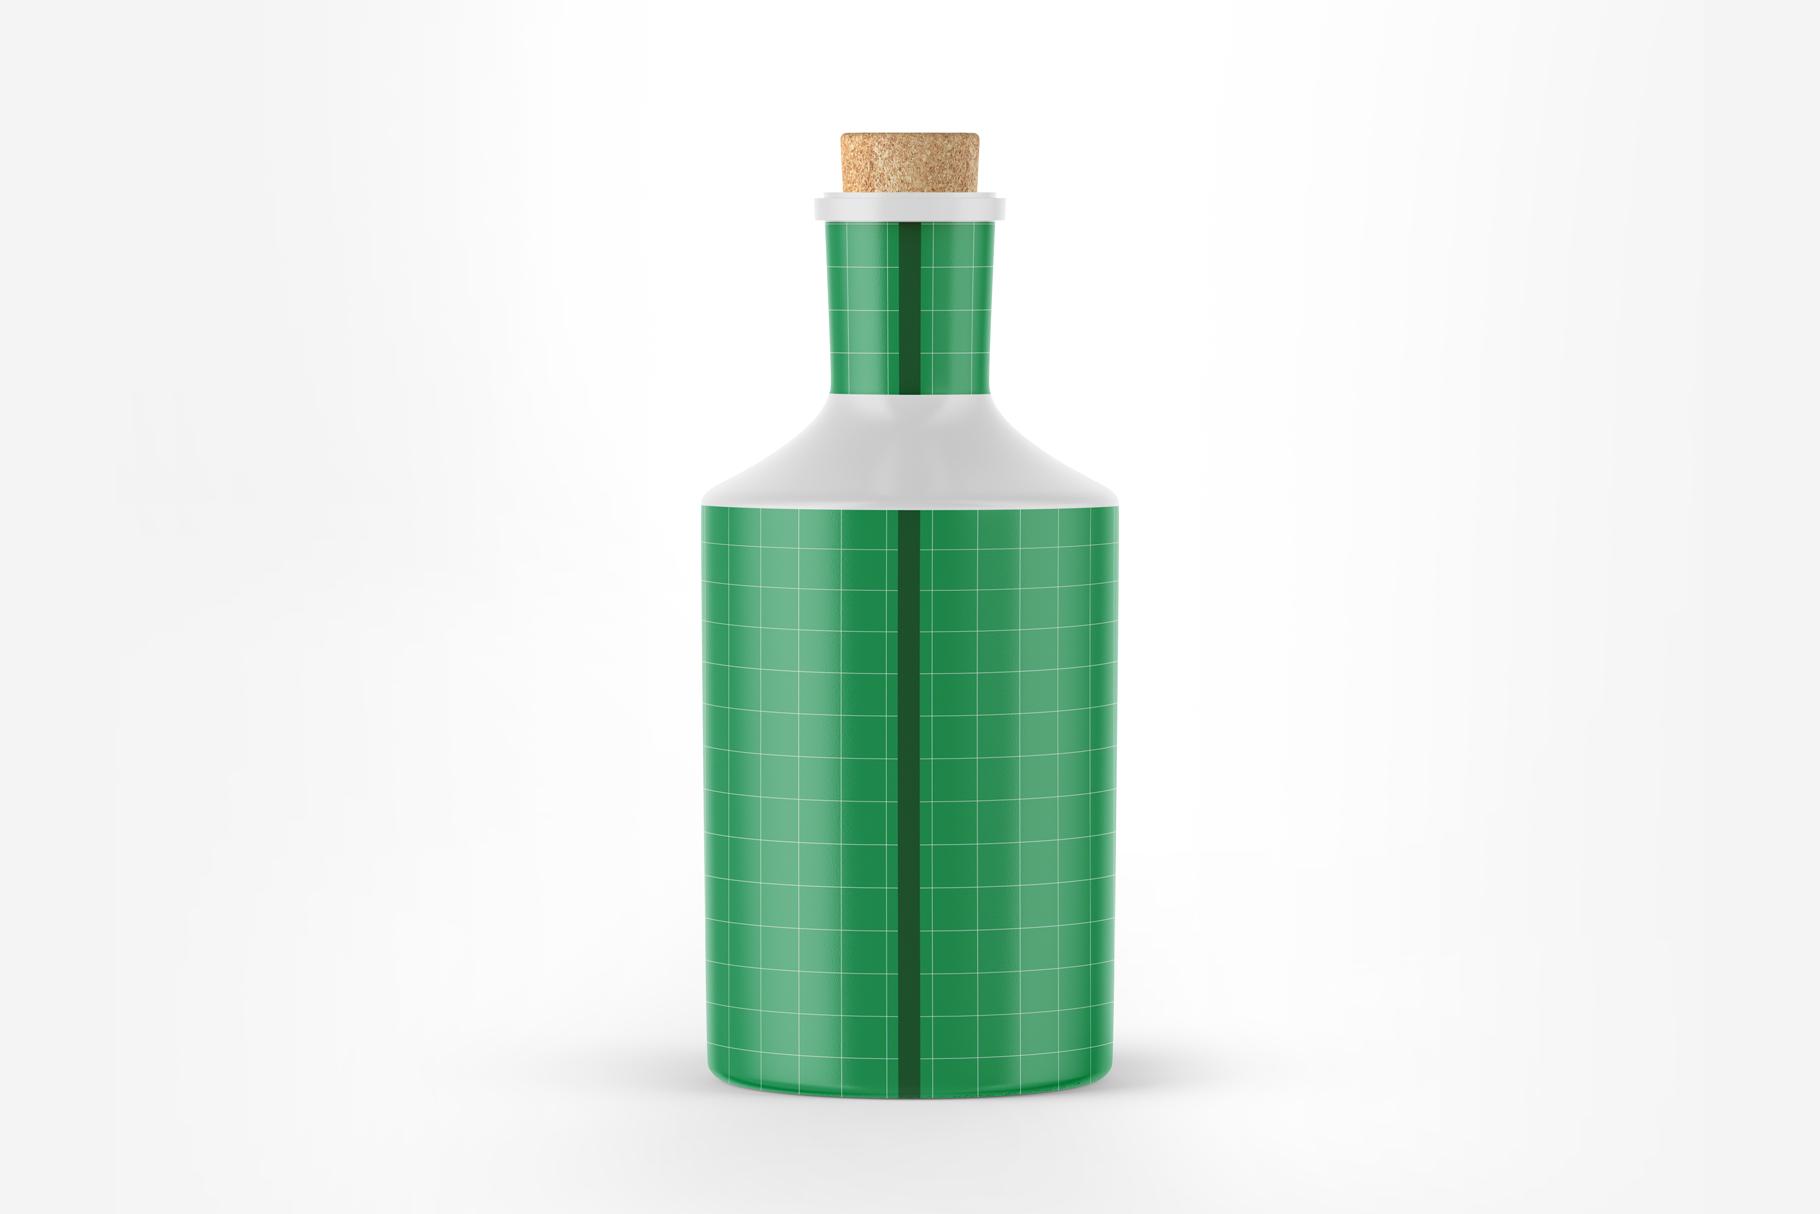 Ceramic Bottle Mockup example image 2